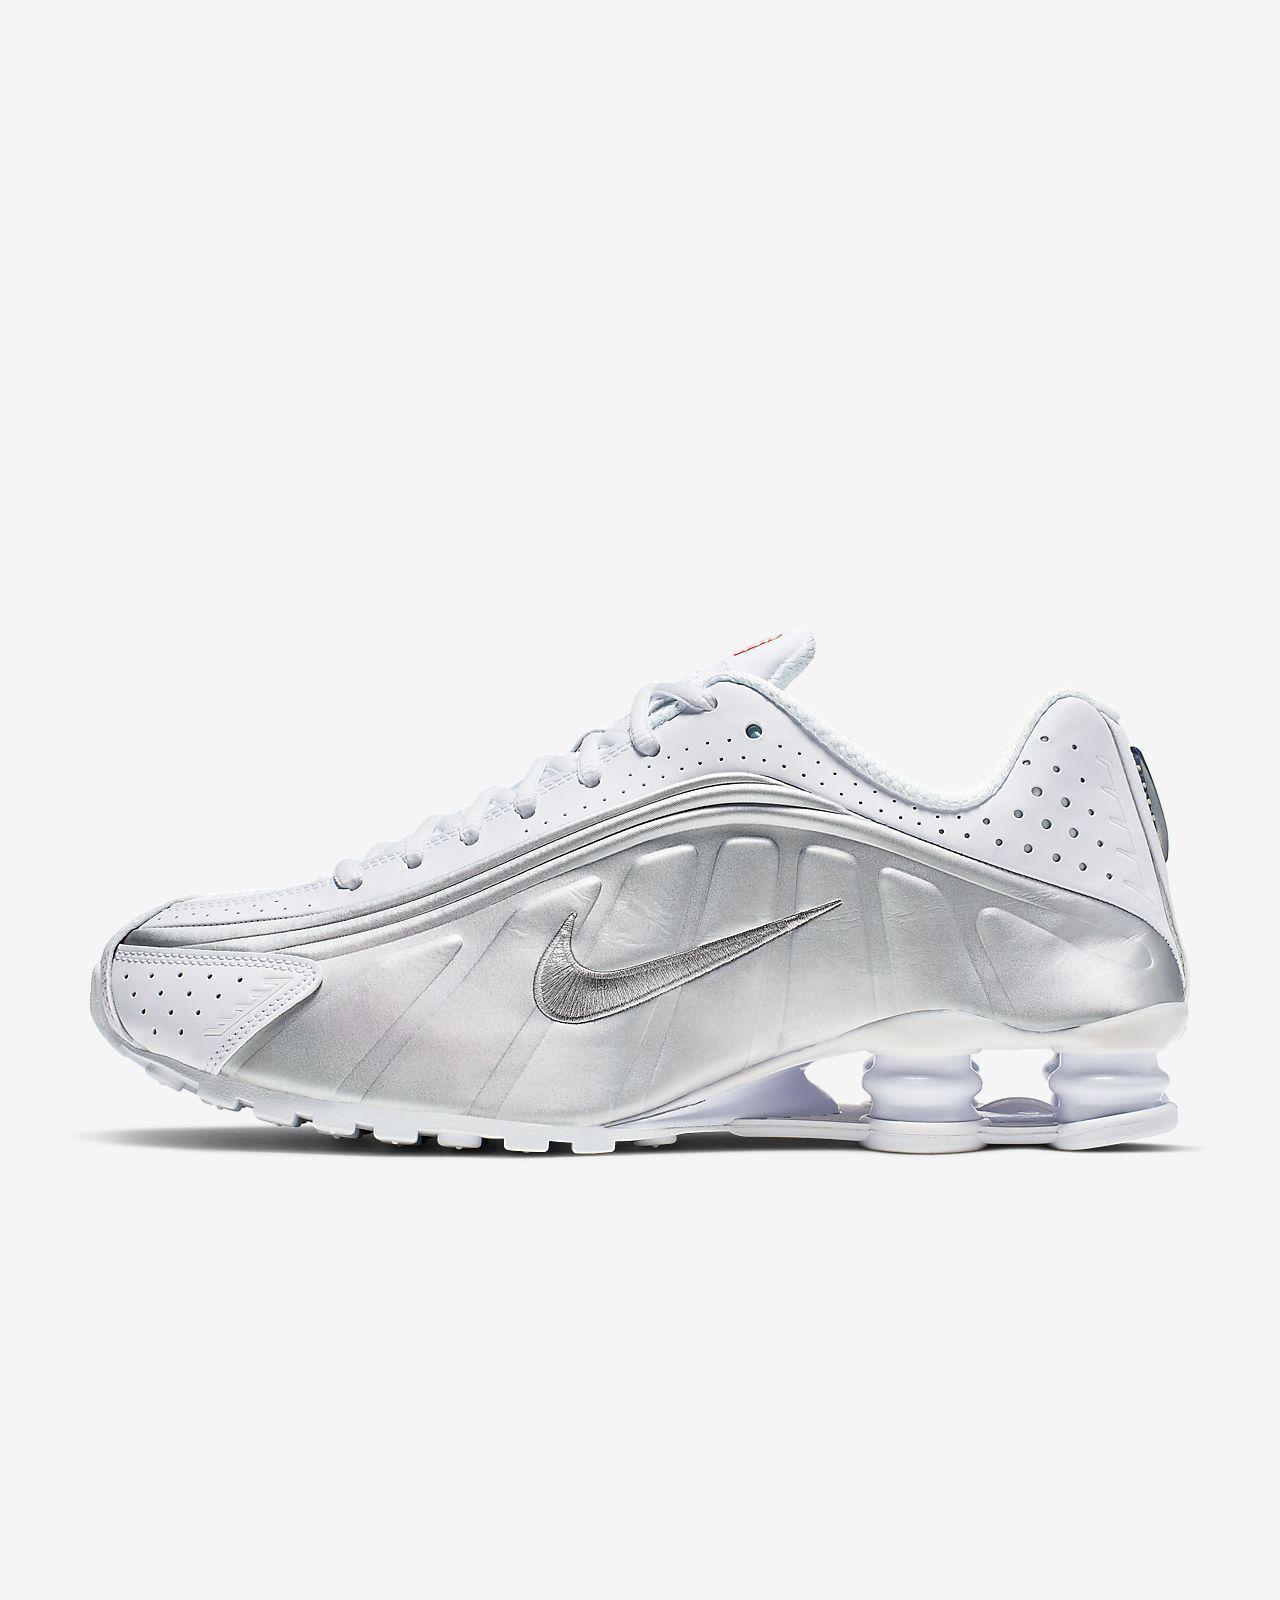 Nike Shox R4 férficipő